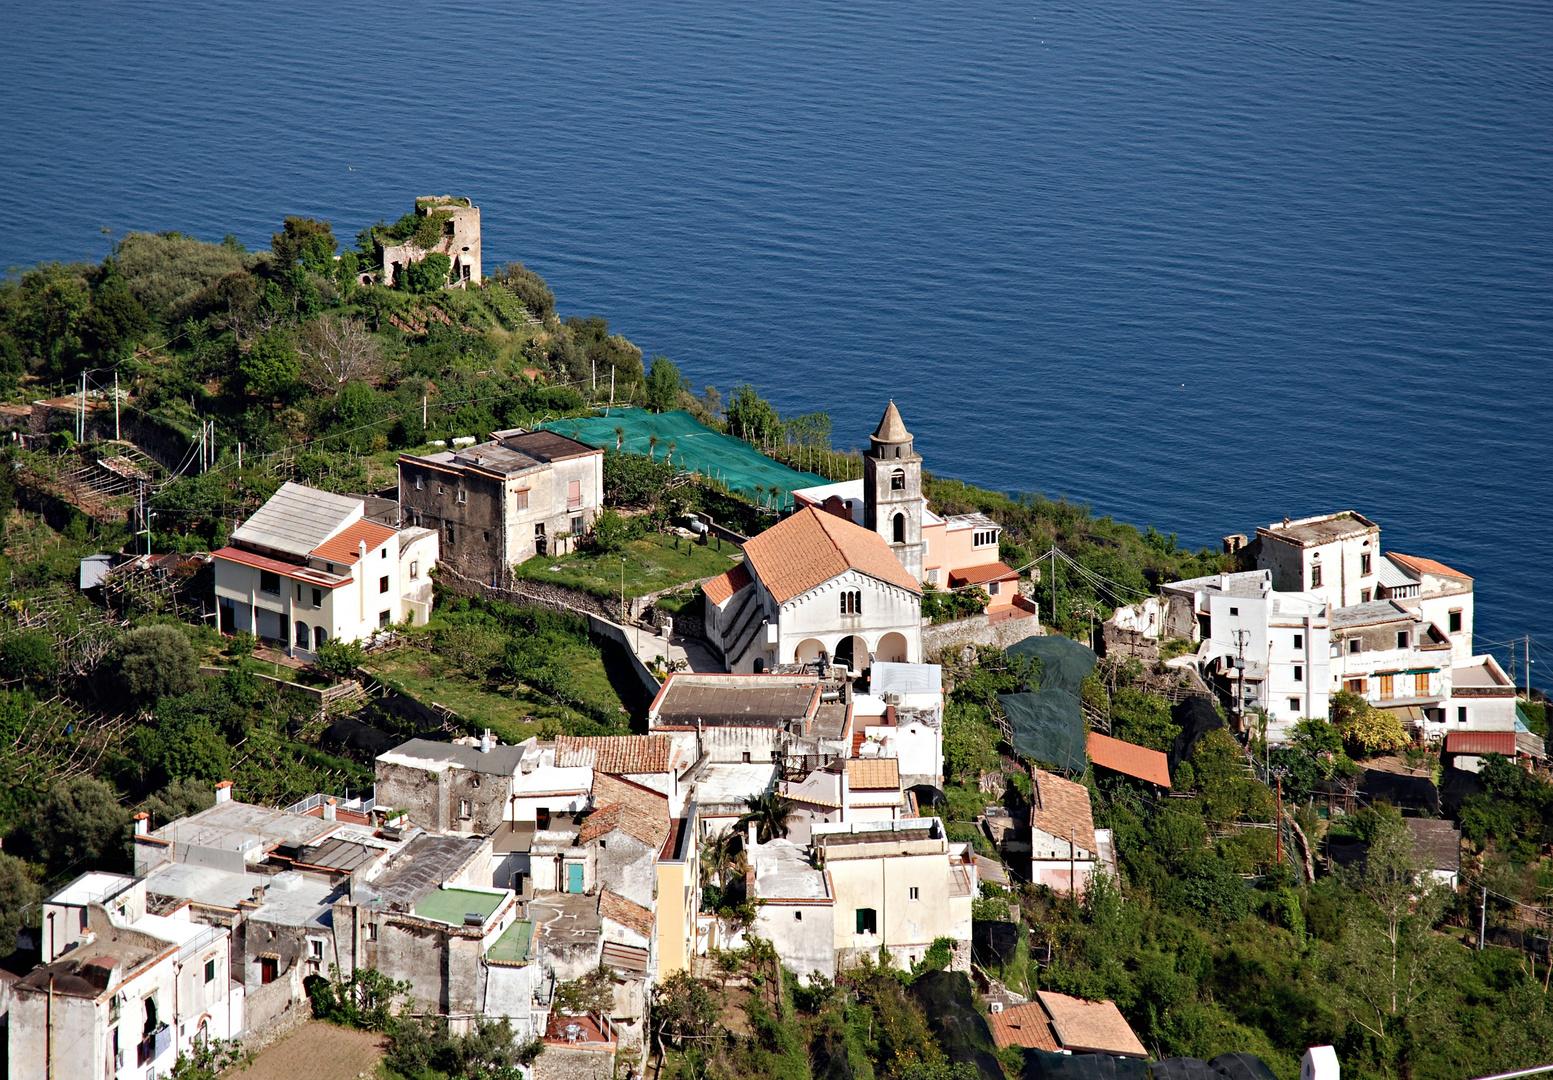 Blick von Ravello aus auf ein Bergdorf der Umgebung